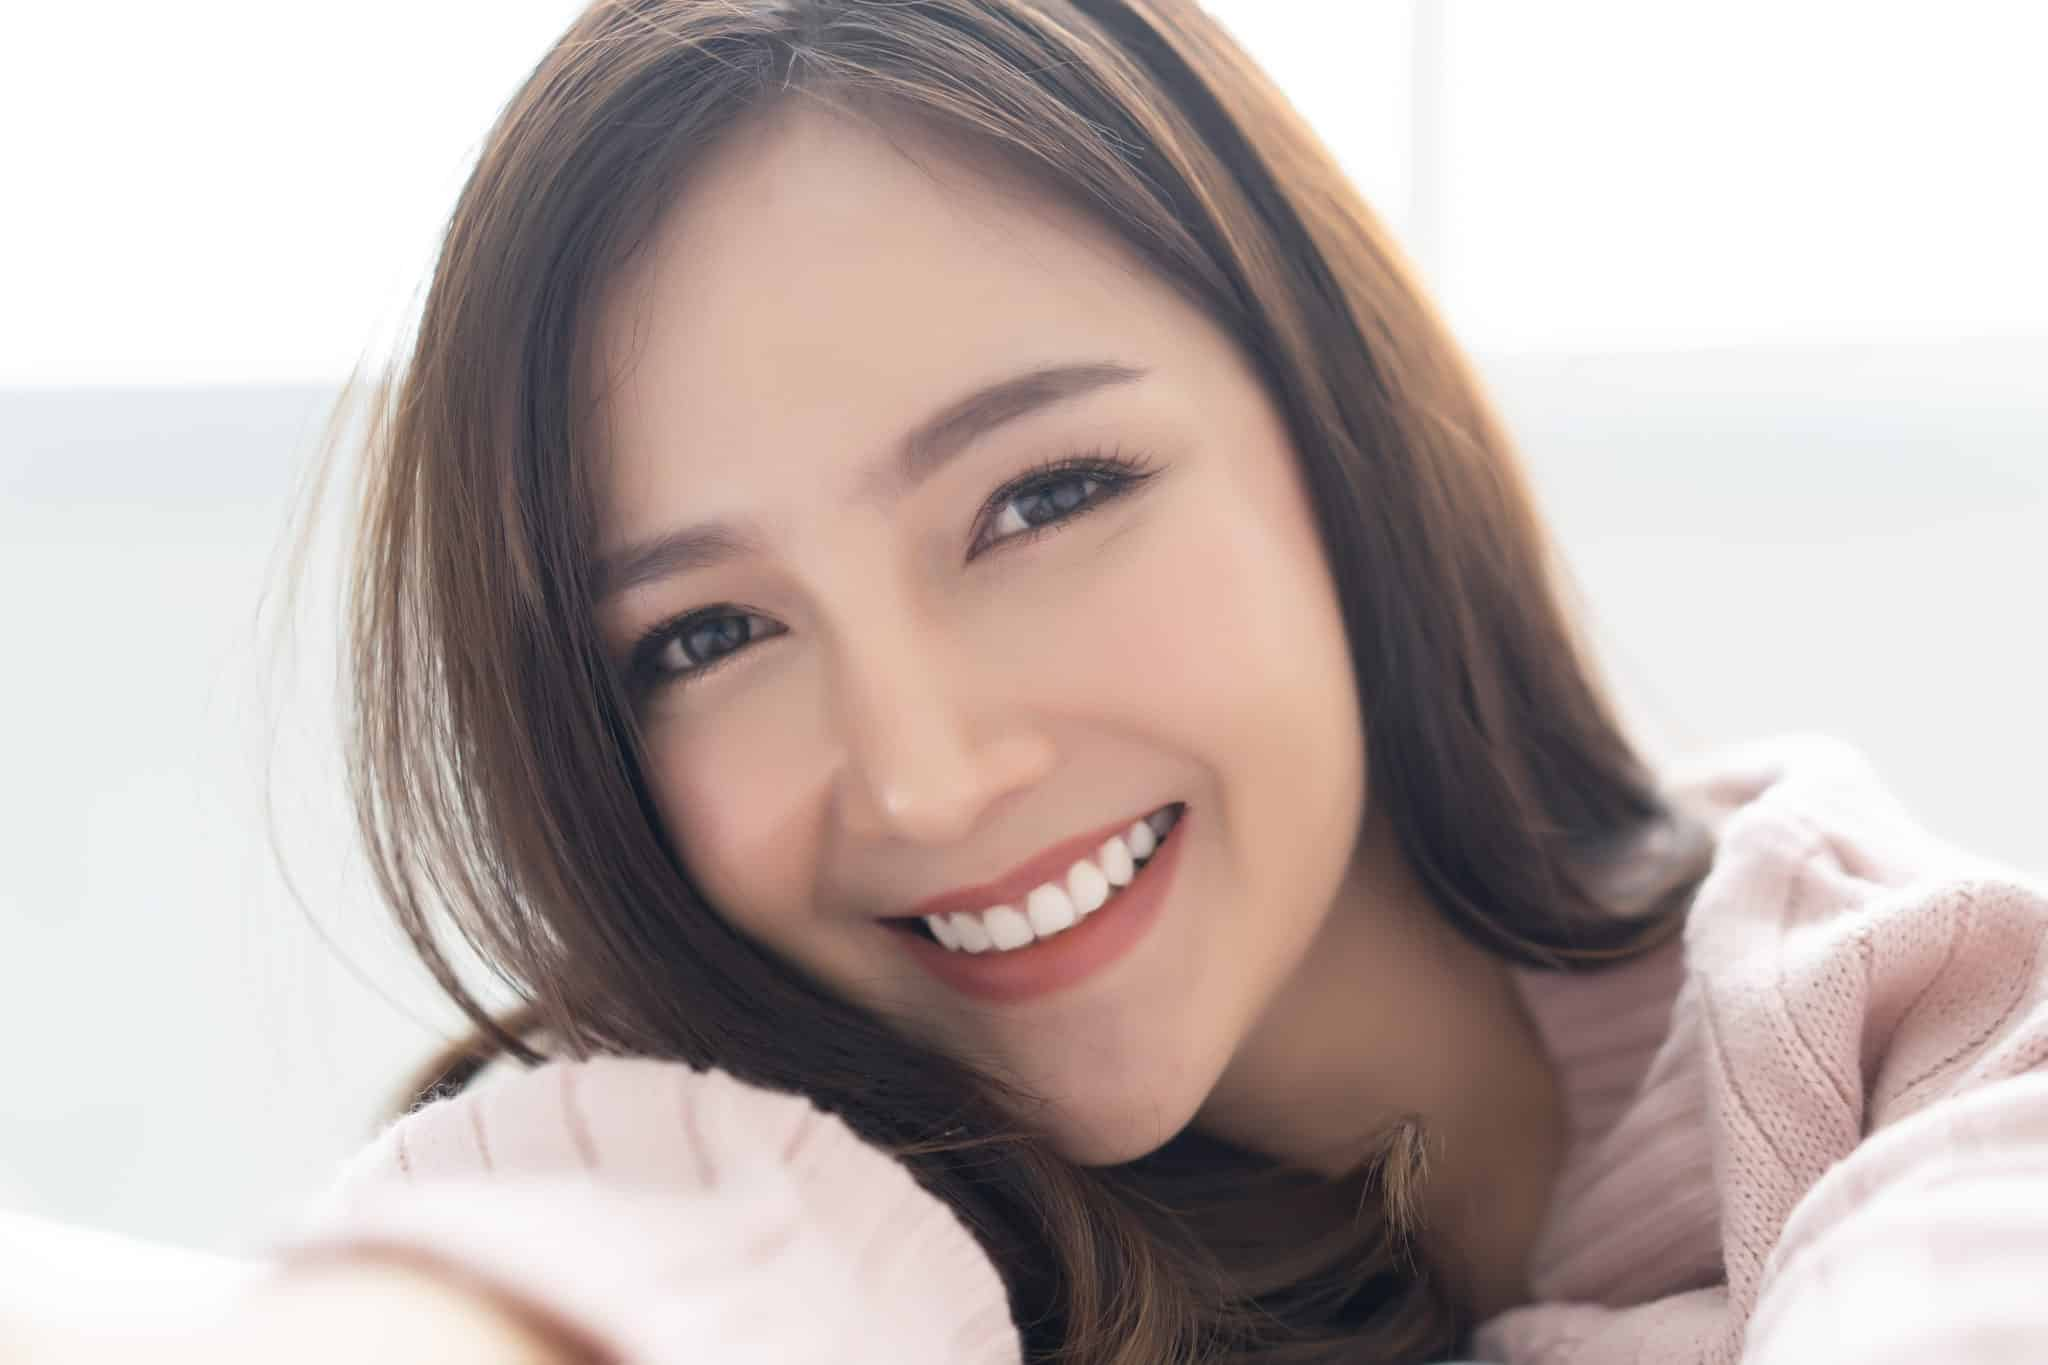 笑顔のフィリピン女性